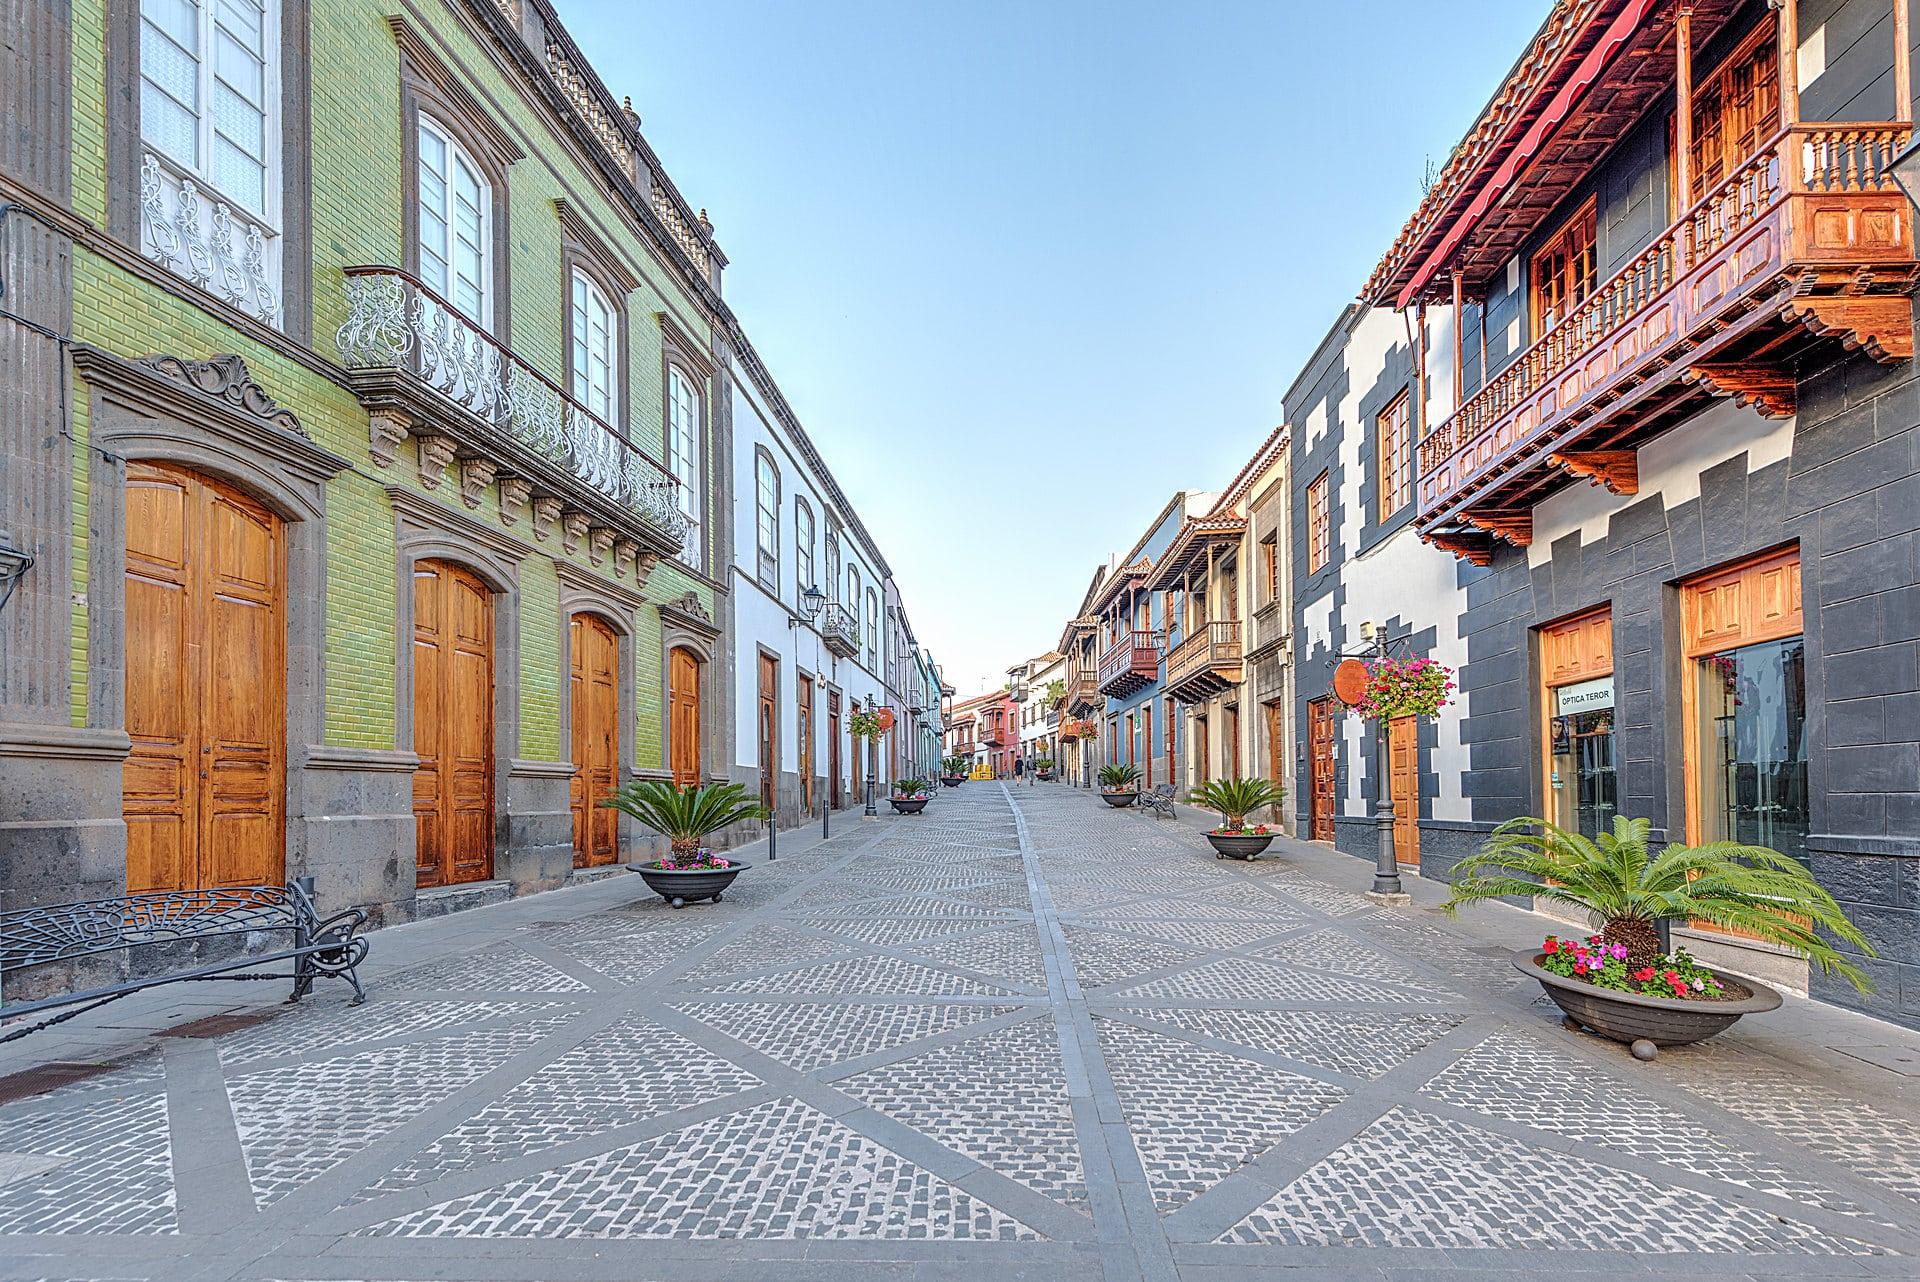 Teror-Calle-Real-de-la-Plaza